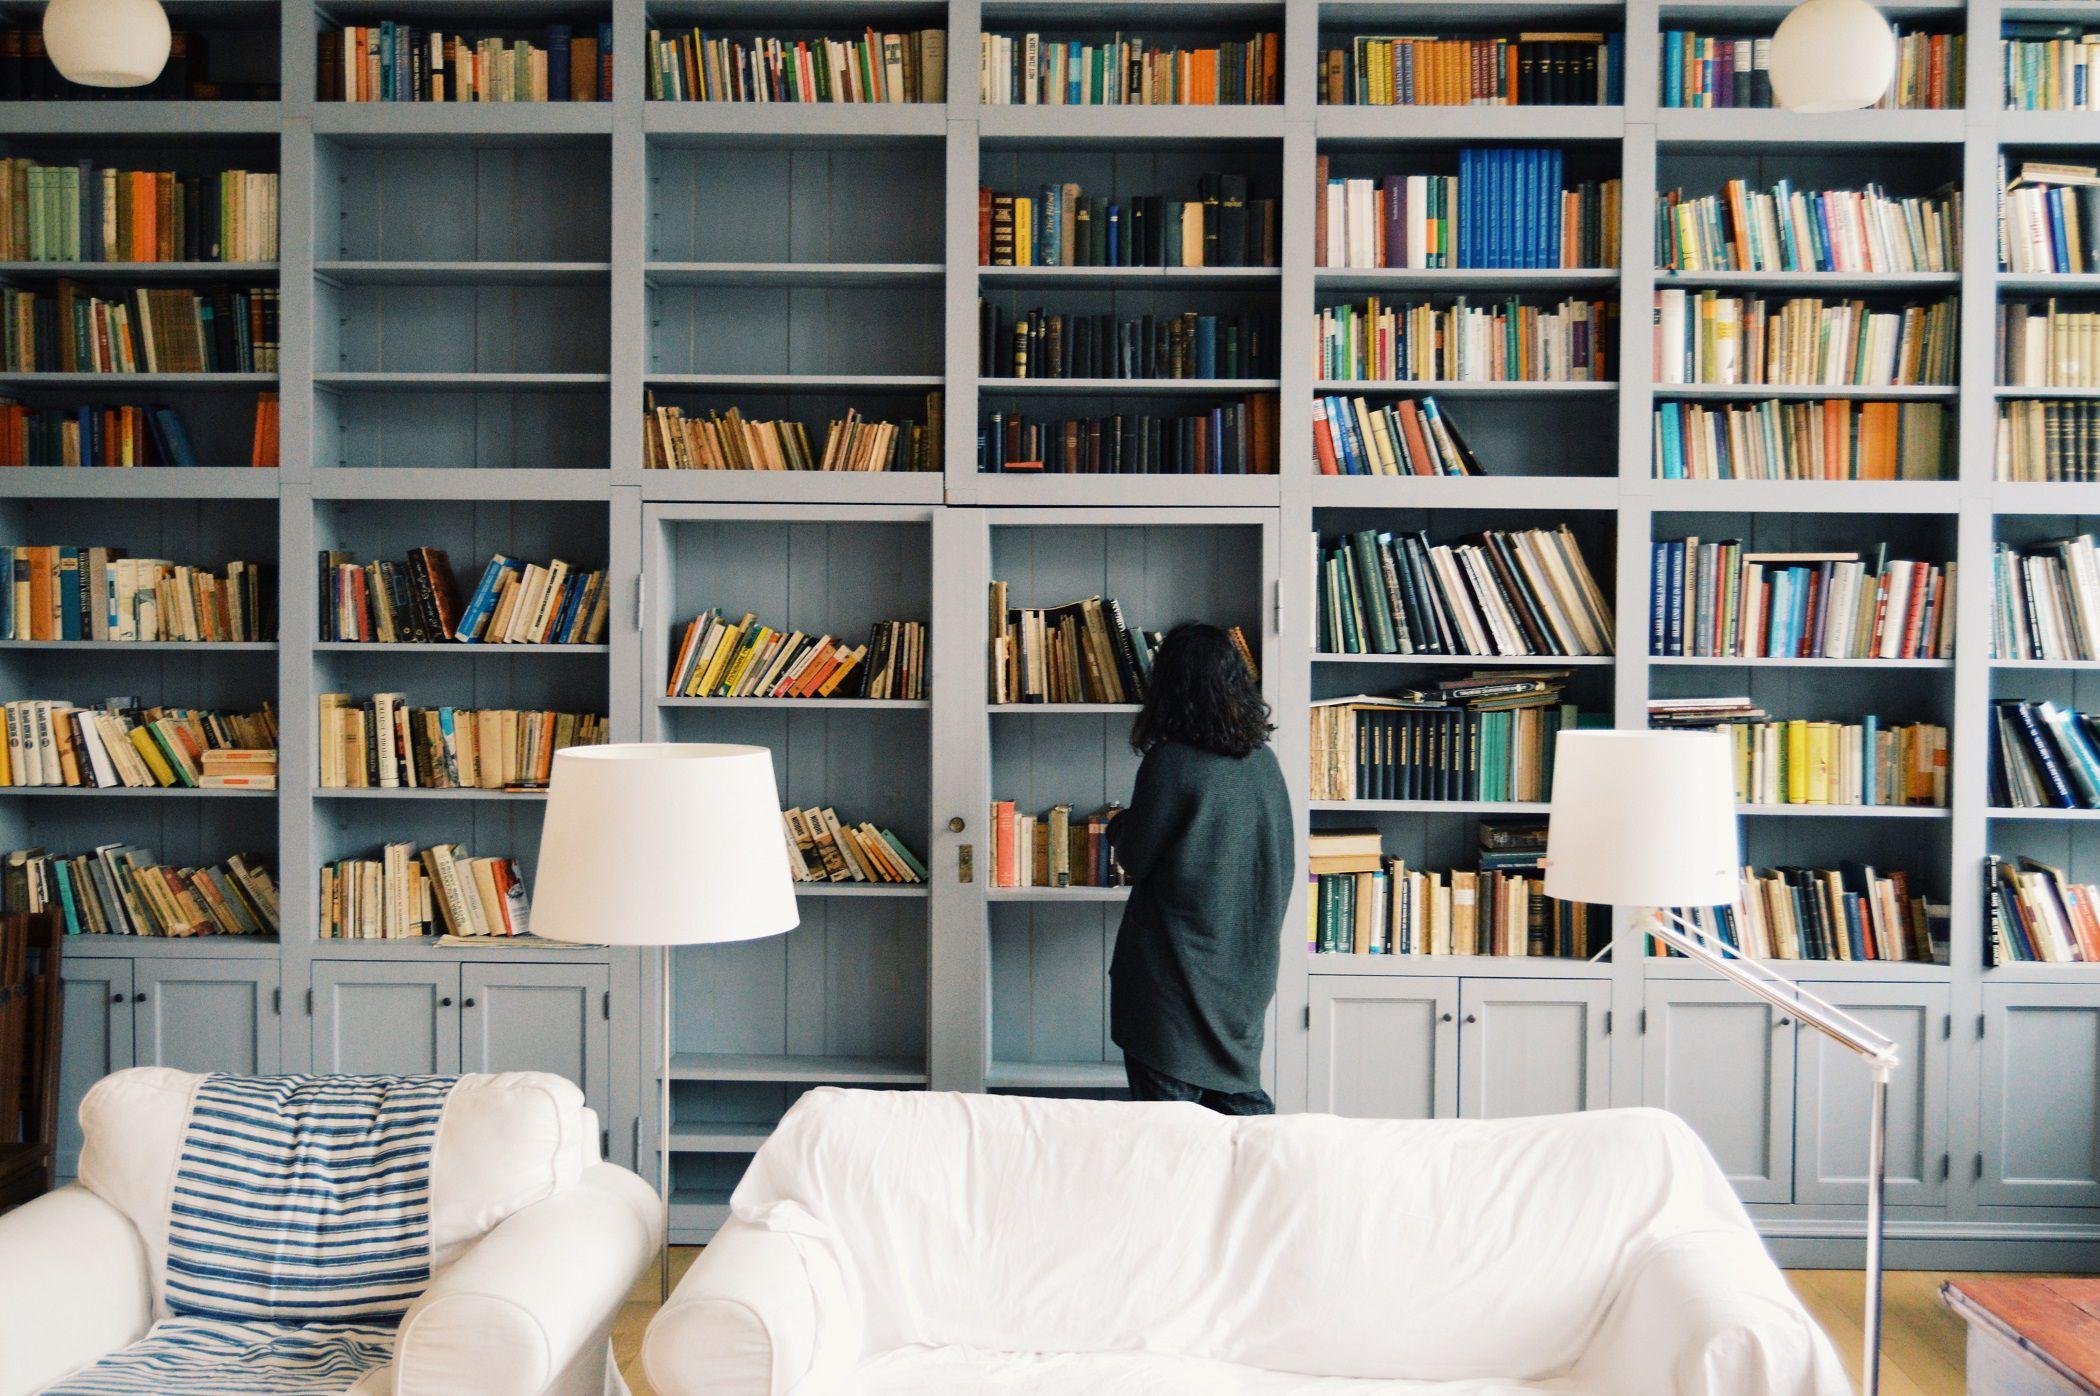 Come Allestire Una Libreria come sistemare una libreria: idee e consigli con foto